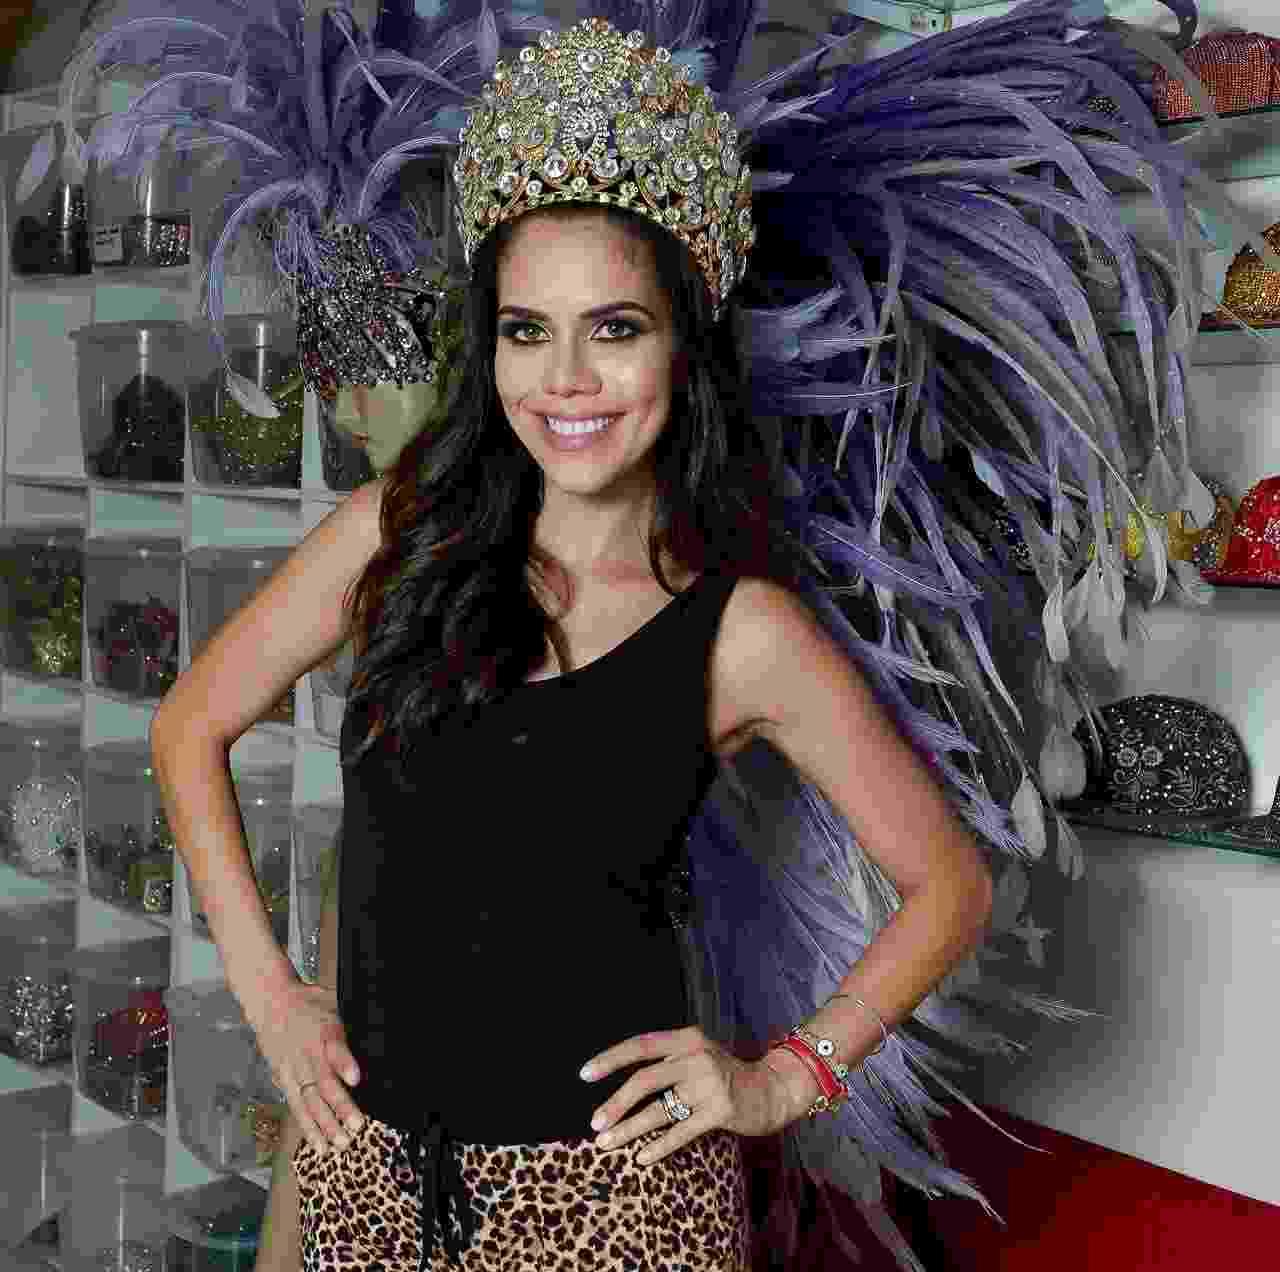 Daniela Albuquerque faz primeira prova de fantasia em ateliê em São Paulo - Francisco Cepeda/AgNews